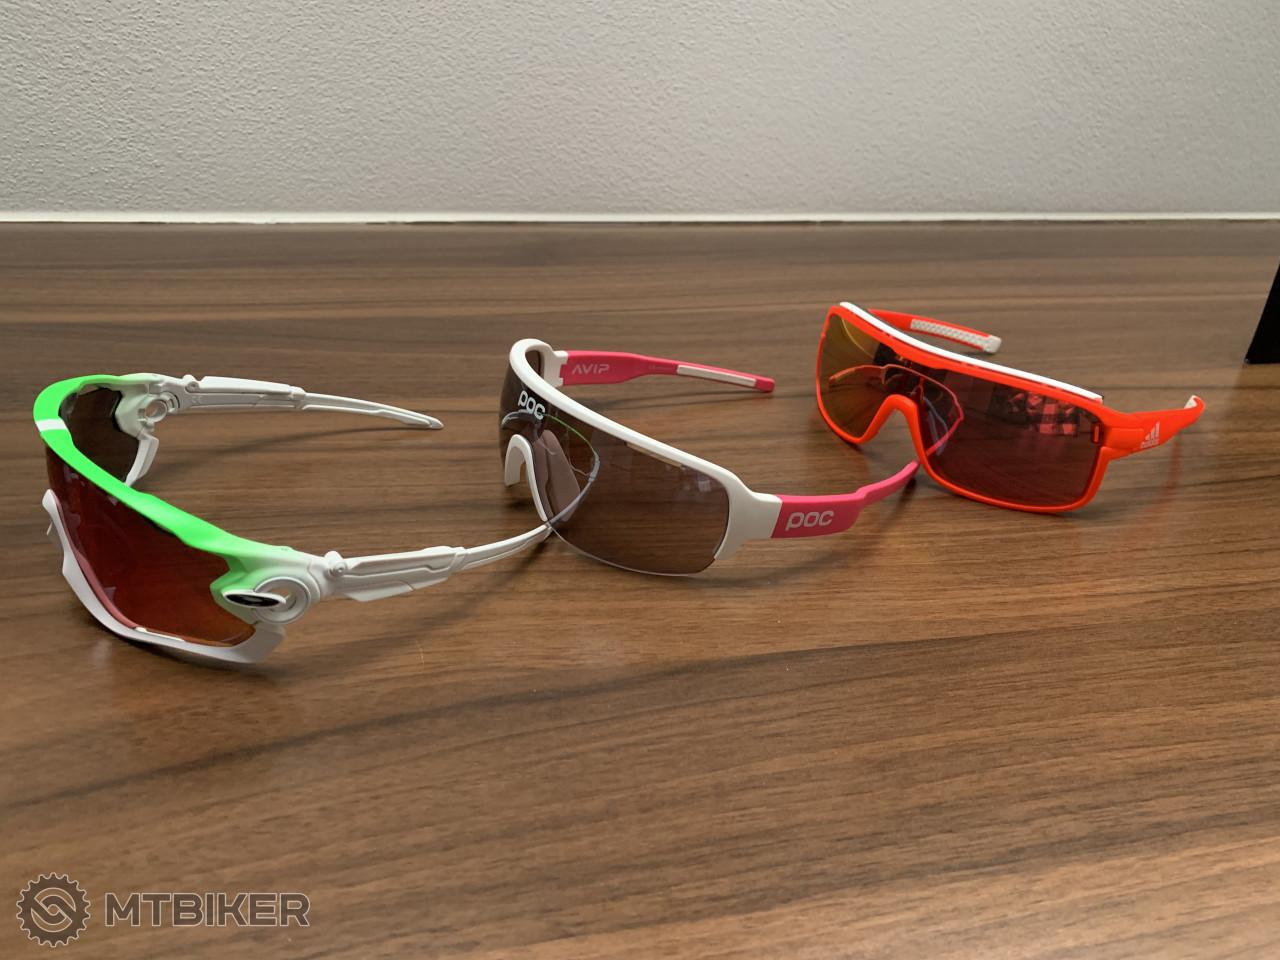 82e261562 Okuliare Oakley, Adidas A Poc - Príslušenstvo - Okuliare - Bazár MTBIKER